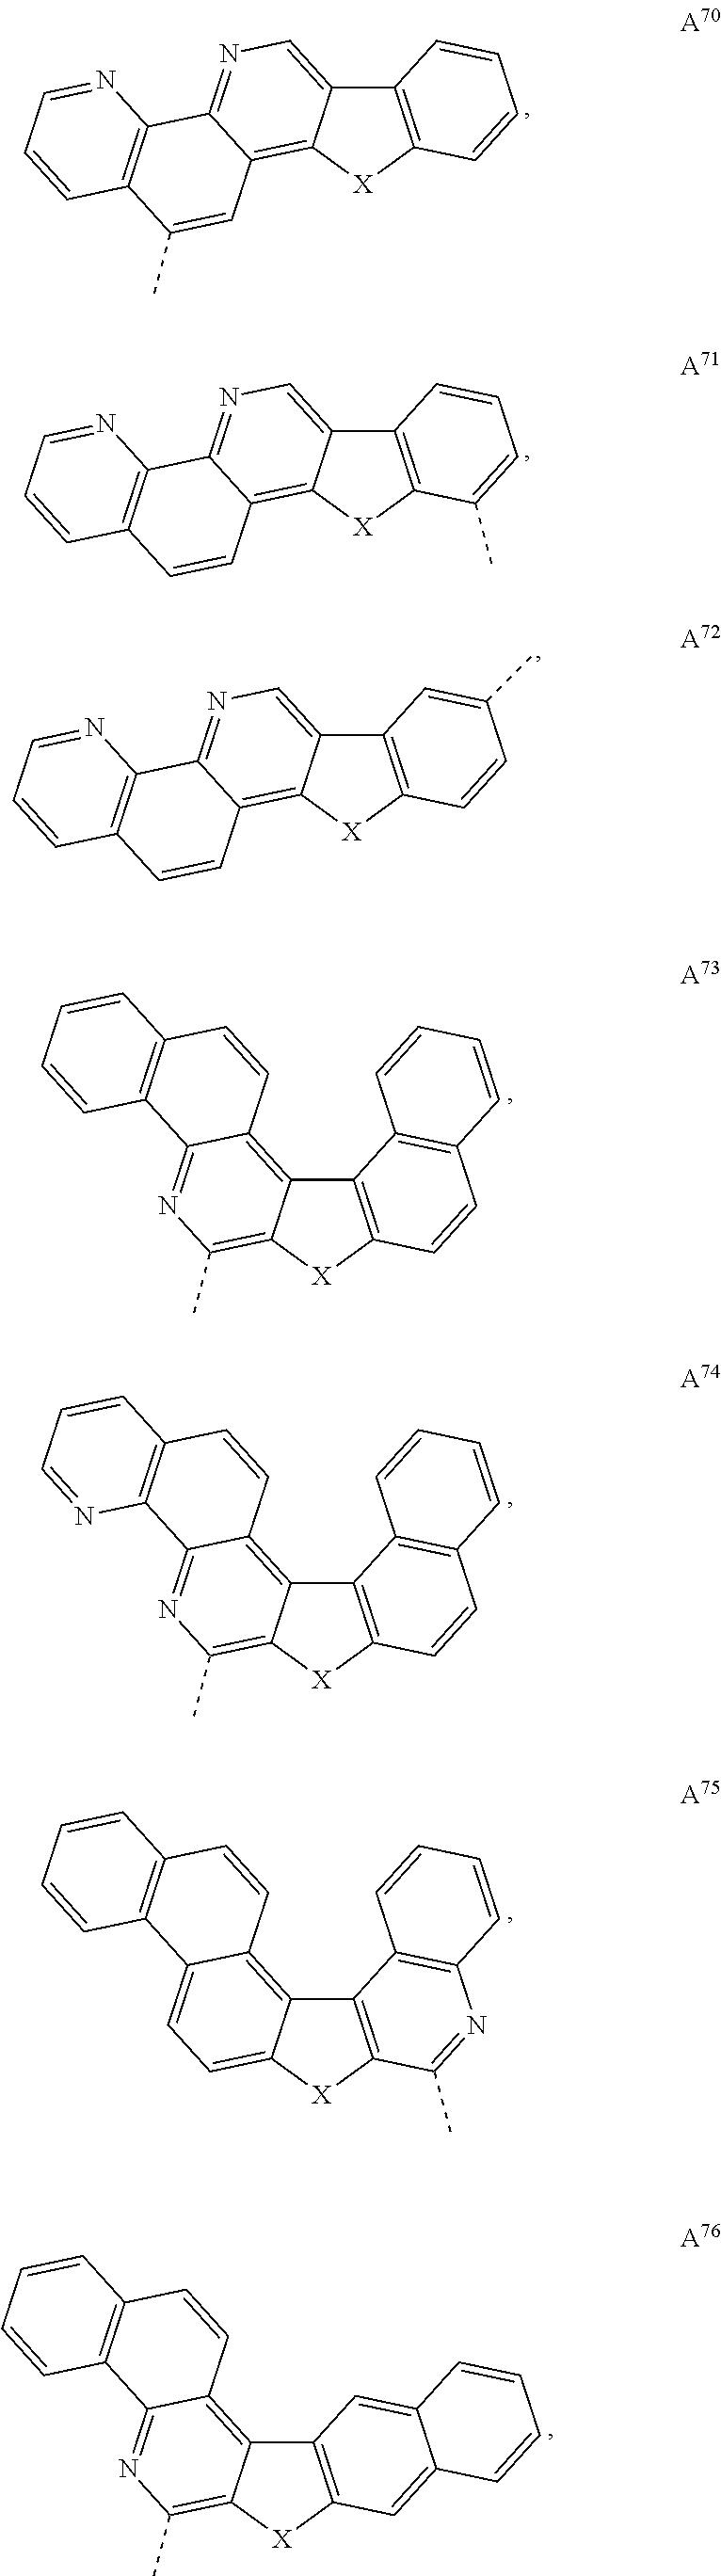 Figure US20170033295A1-20170202-C00022